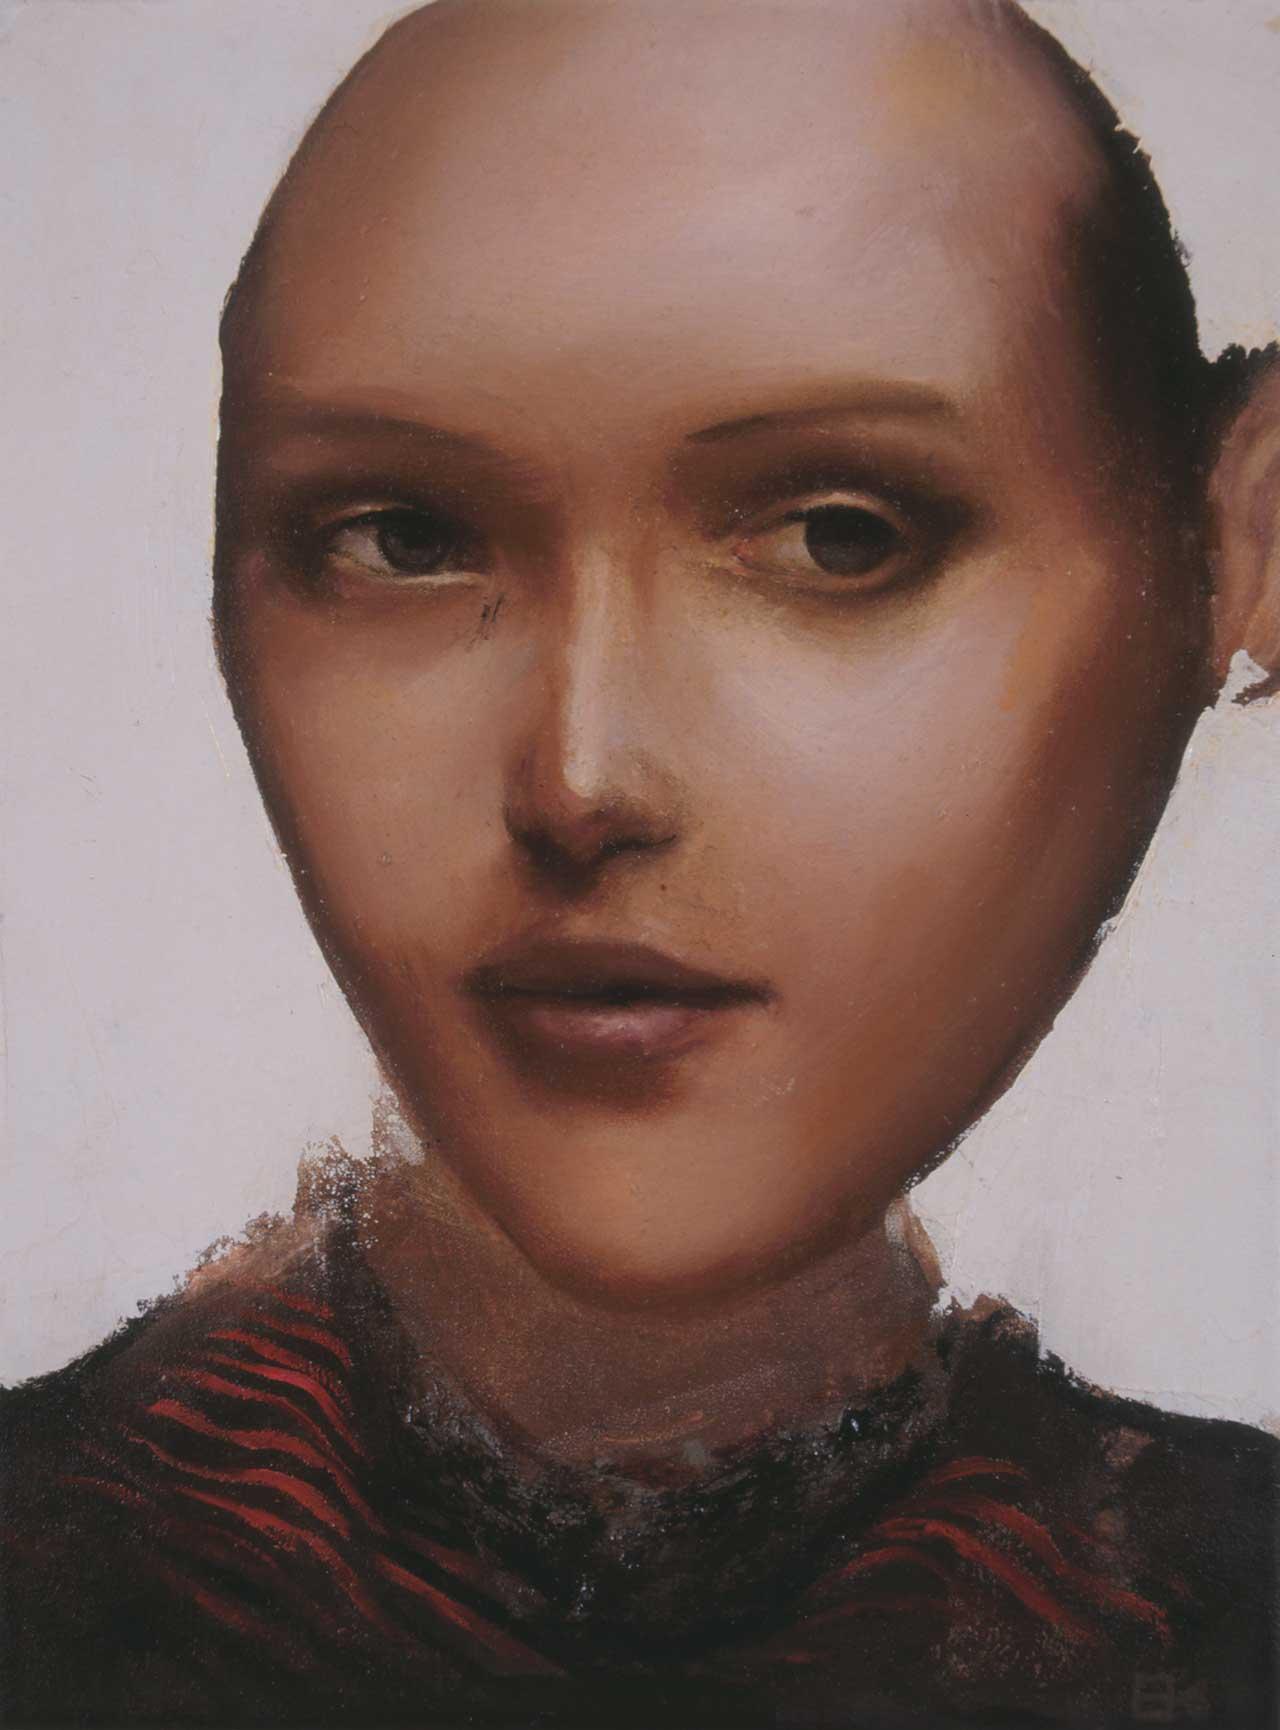 Μοντέλο, 2000, λάδι σε καμβά, 32x24 εκ.